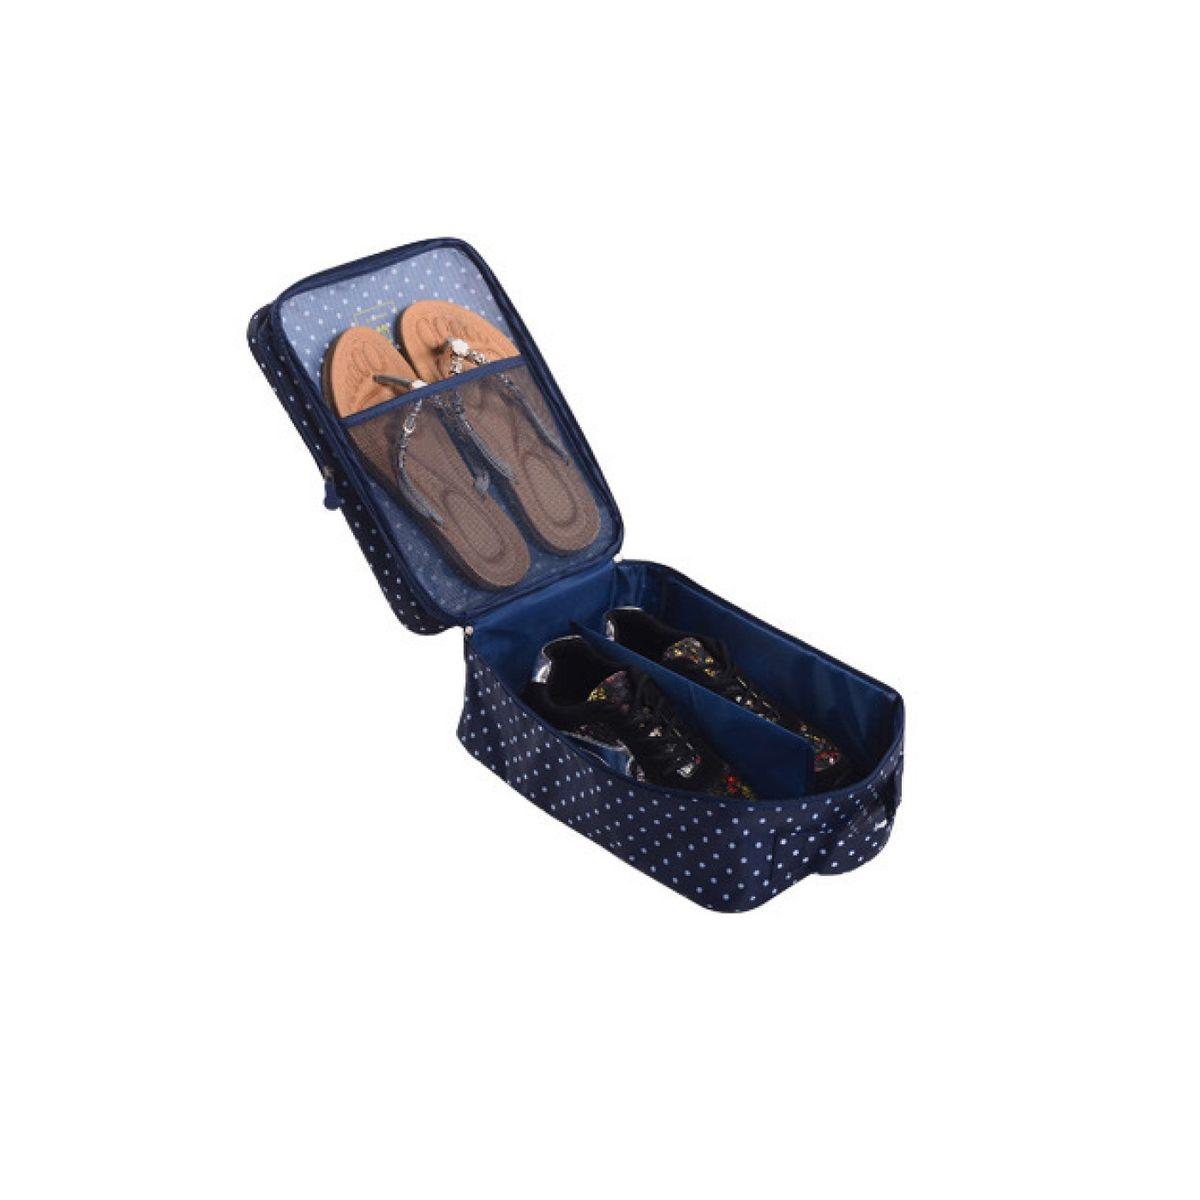 Органайзер для обуви Homsu, 32 x 20 x 13 смHOM-410Органайзер для обуви Homsu изготовлен из 100% полиэстера. Экономичная замена пластиковым пакетам и громоздким коробкам. Органайзер закрывается на молнию. Имеется ручка для удобной переноски. Внутри органайзер разделен на 2 отделения для обуви с дополнительным сетчатым кармашком. Очень компактный и очень удобный, такой органайзер поможет вам хранить обувь в чистоте и порядке. Размер: 32 х 20 х 13 см.